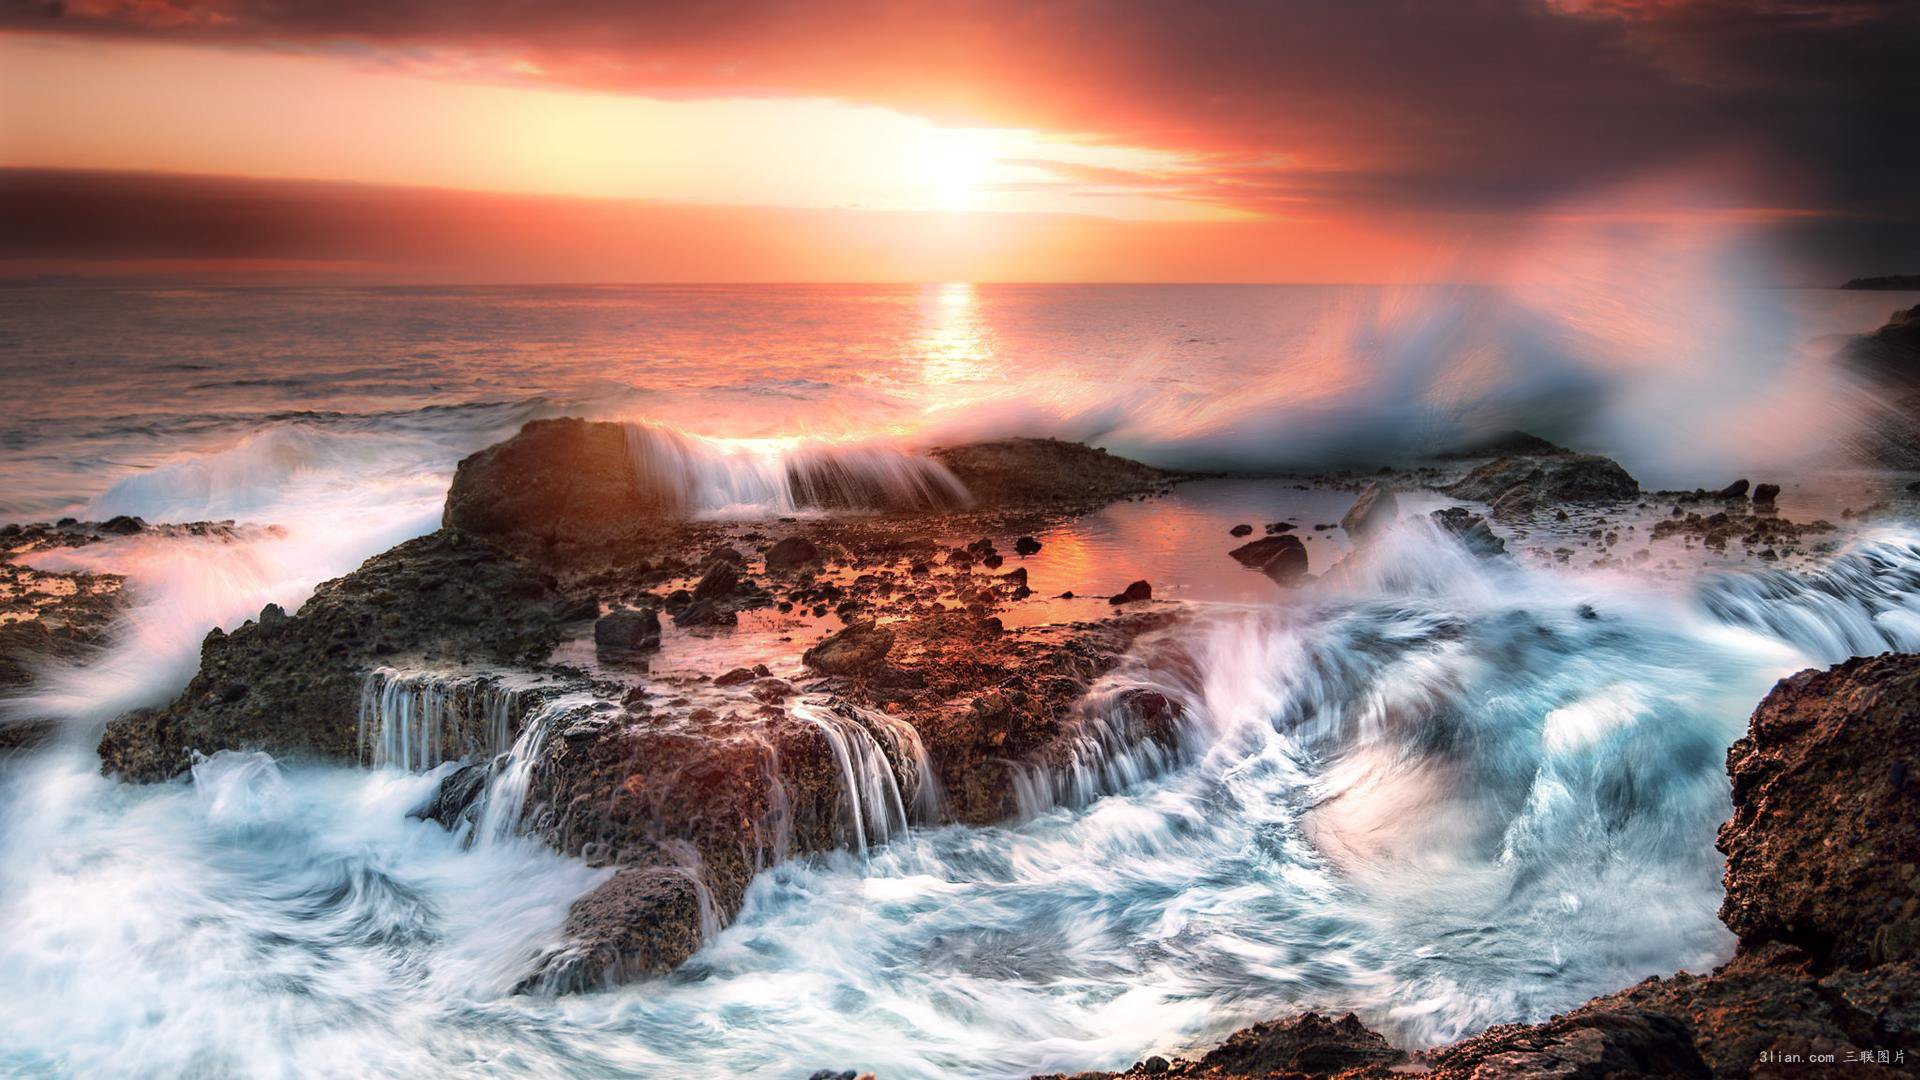 古风风景图片大全 美国加州风景图片大全(9张) _壁纸素材_百优a精美图